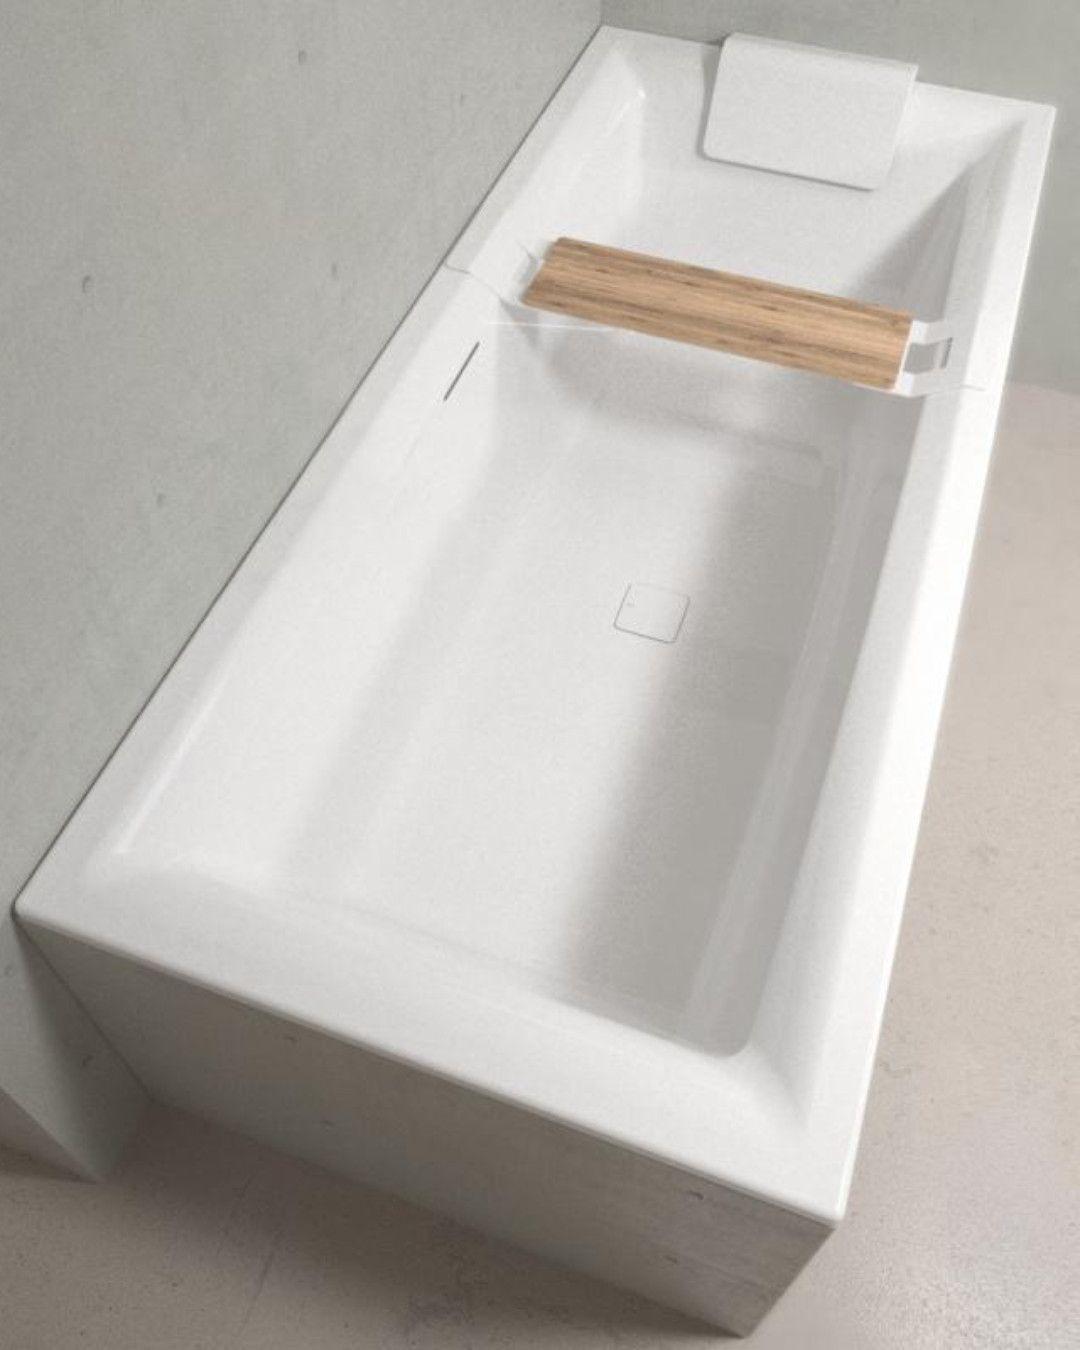 Riho Still Square Rechteck Badewanne Einbau Mit Fullfunktion Br02c05 In 2020 Badewanne Wanne Badewanne Eckig